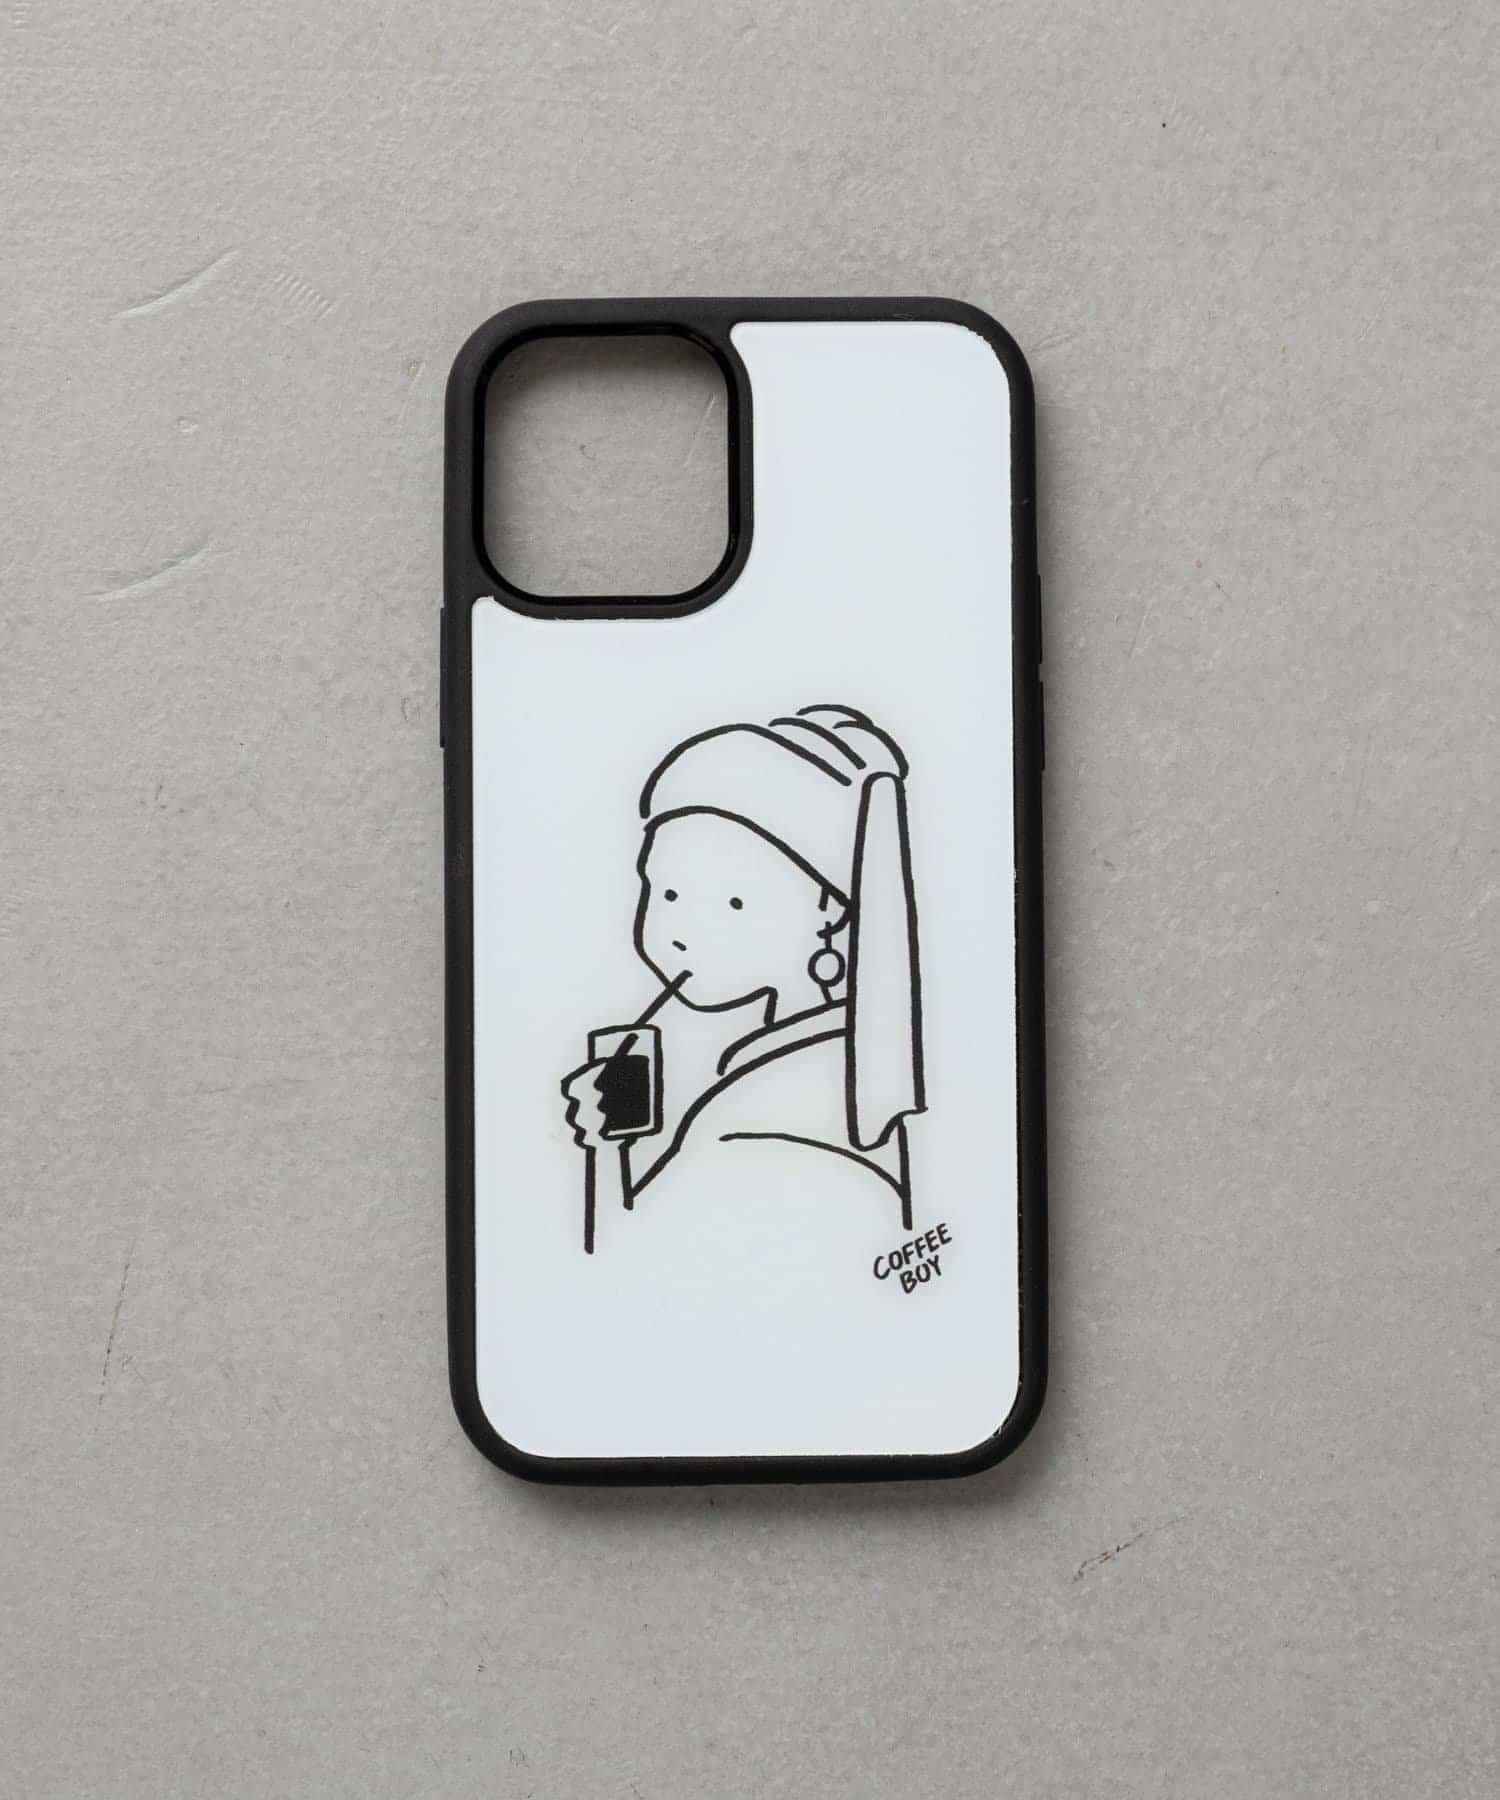 BIRTHDAY BAR(バースデイバー) レディース 【受注予約】COFFEE BOY iPhoneケース その他24